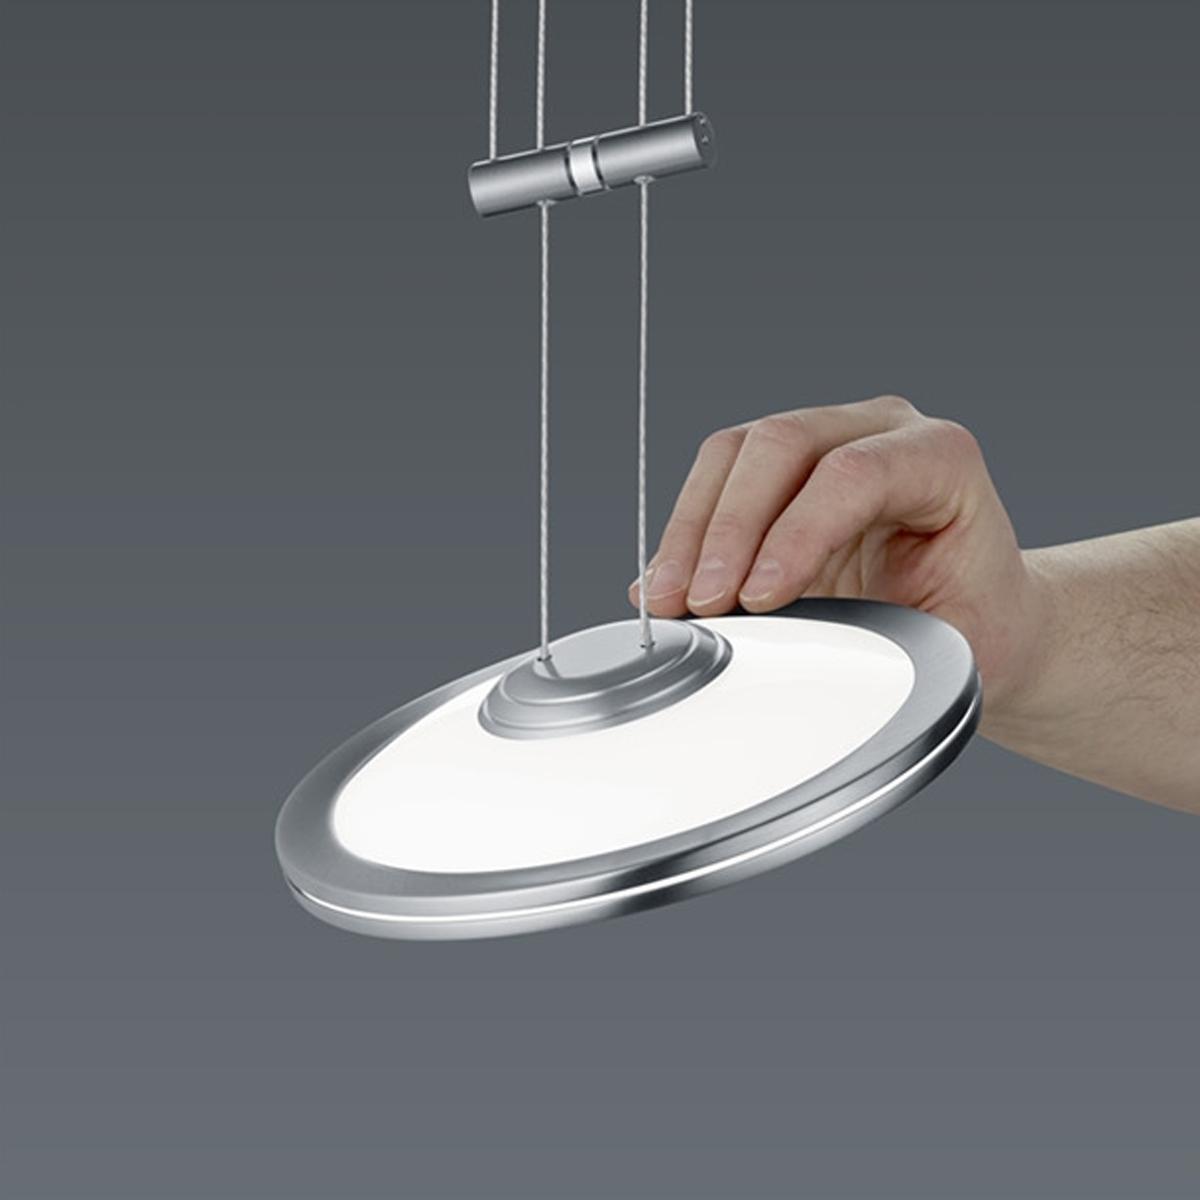 BANKAMP Leuchtenmanufaktur Artikel von BANKAMP Leuchtenmanufaktur LED-Pendelleuchte Saturno zur Strada 2146/1-92